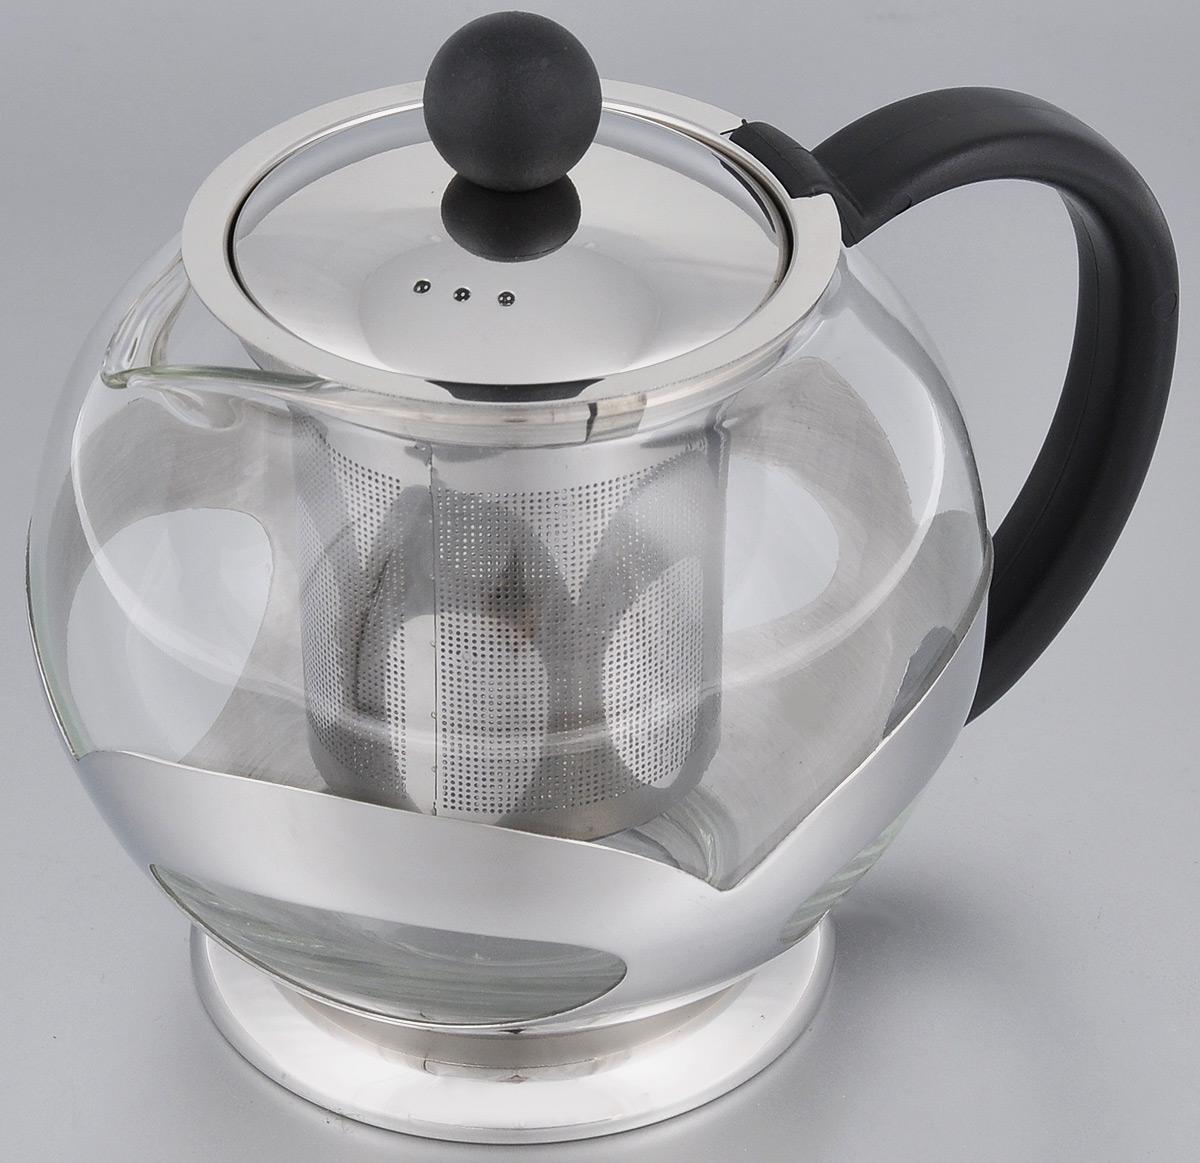 Чайник заварочный Miolla, с фильтром, 750 мл1014078UЗаварочный чайник Miolla, изготовленный из термостойкого стекла, предоставит вам все необходимые возможности для успешного заваривания чая. Чай в таком чайнике дольше остается горячим, а полезные и ароматические вещества полностью сохраняются в напитке. Чайник оснащен фильтром, который выполнен из нержавеющей стали. Простой и удобный чайник поможет вам приготовить крепкий, ароматный чай.Нельзя мыть в посудомоечной машине. Не использовать в микроволновой печи.Диаметр чайника (по верхнему краю): 7,5 см.Высота чайника (без учета крышки): 11,5 см.Высота фильтра: 8 см.